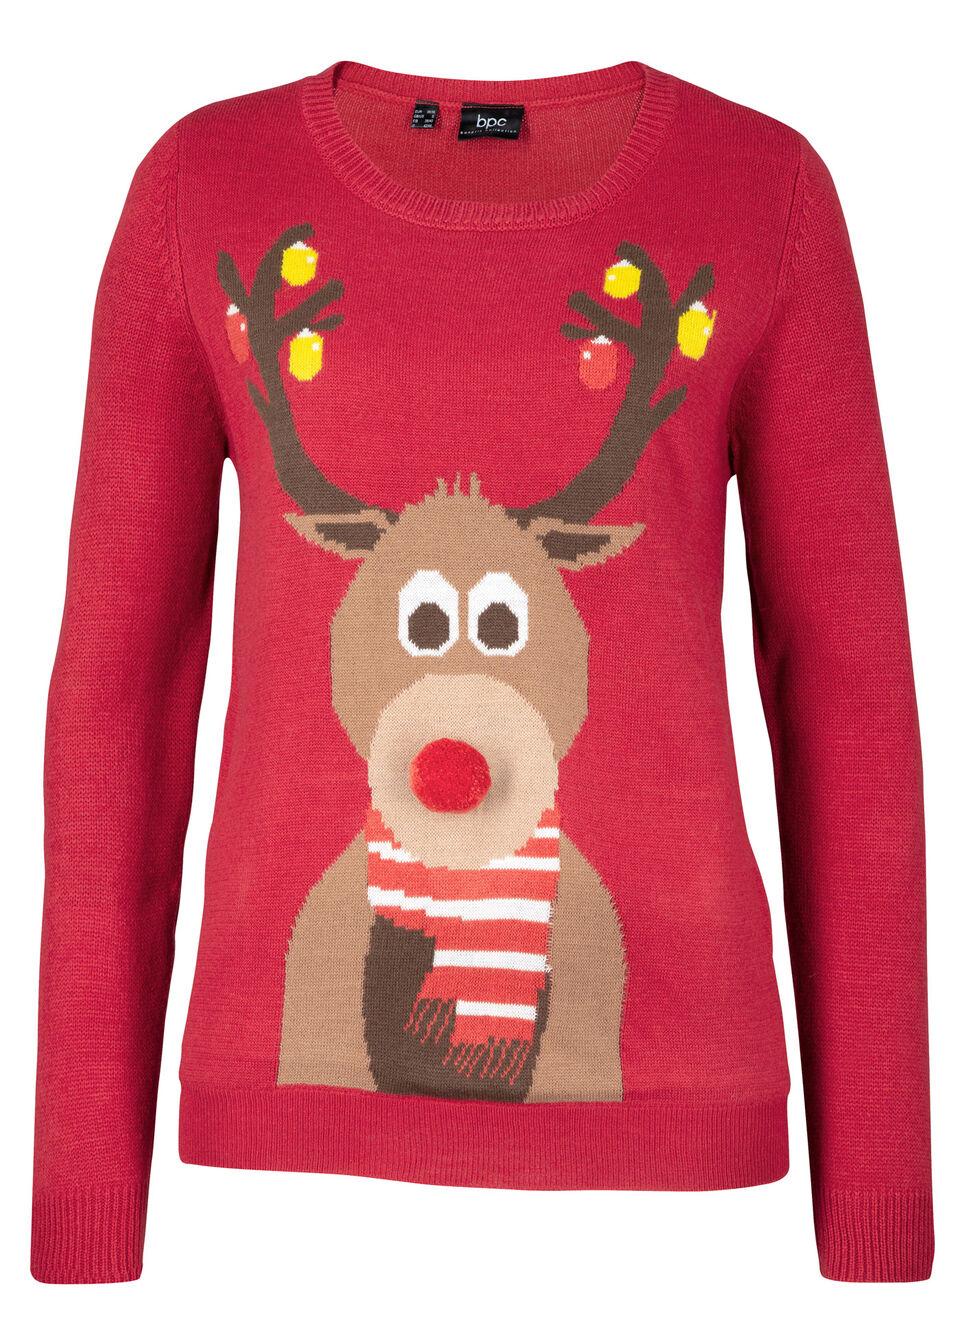 Купить Свитера, Пуловер, bonprix, темно-красный с узором